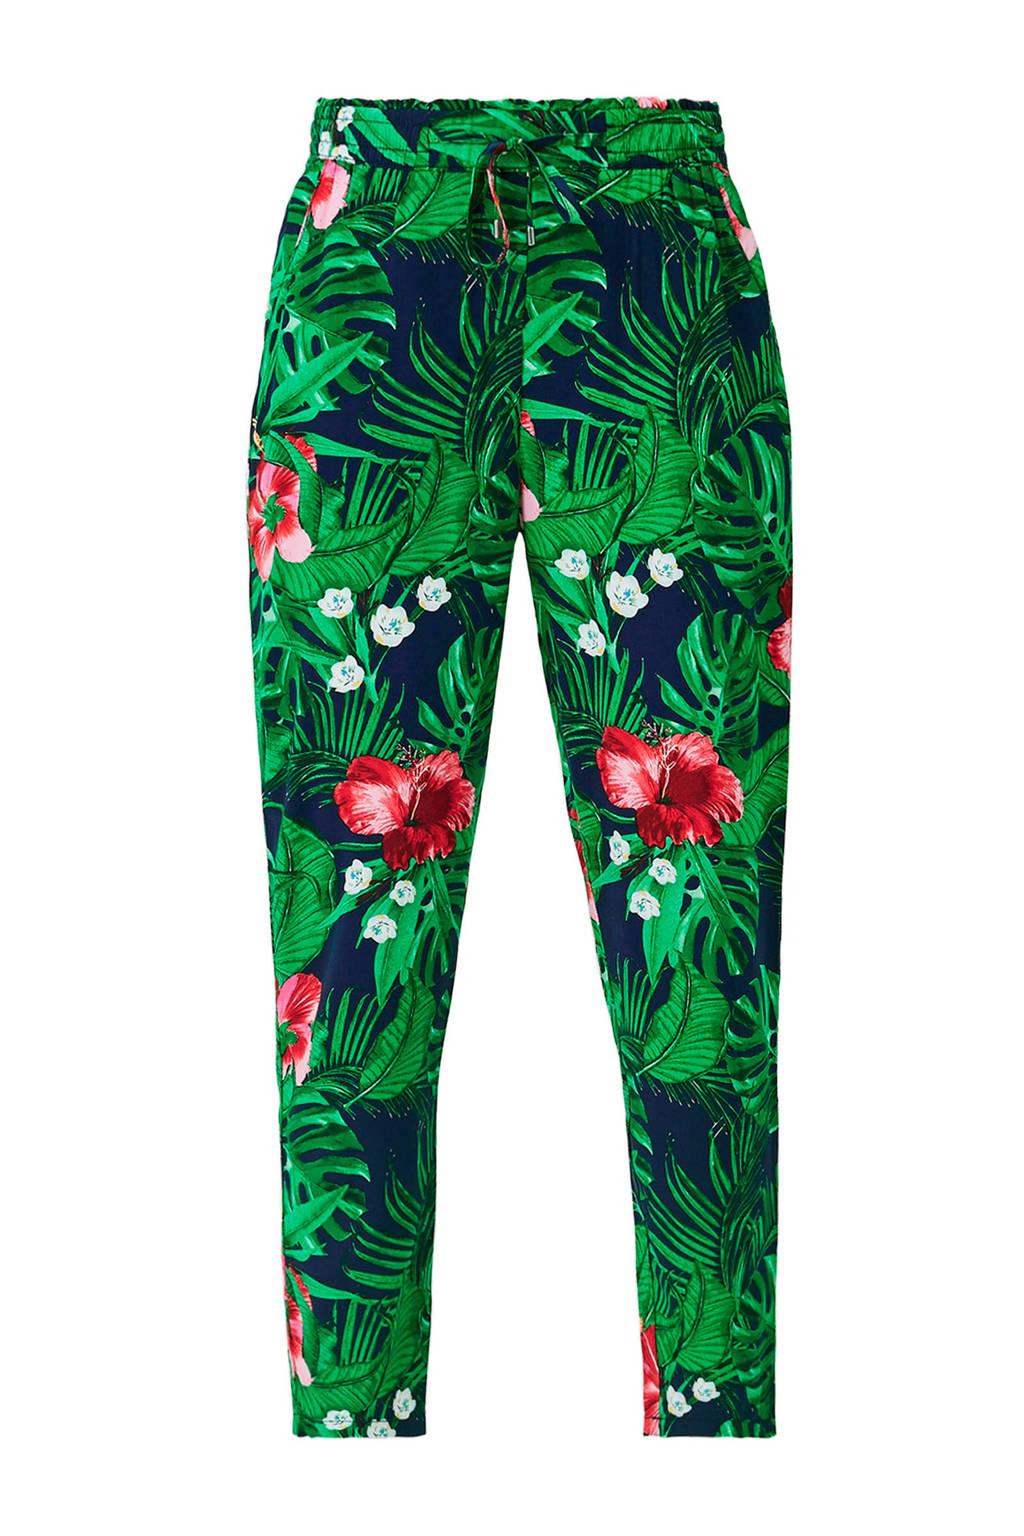 s.Oliver gebloemde cropped tapered fit broek marine/groen, Marine/groen